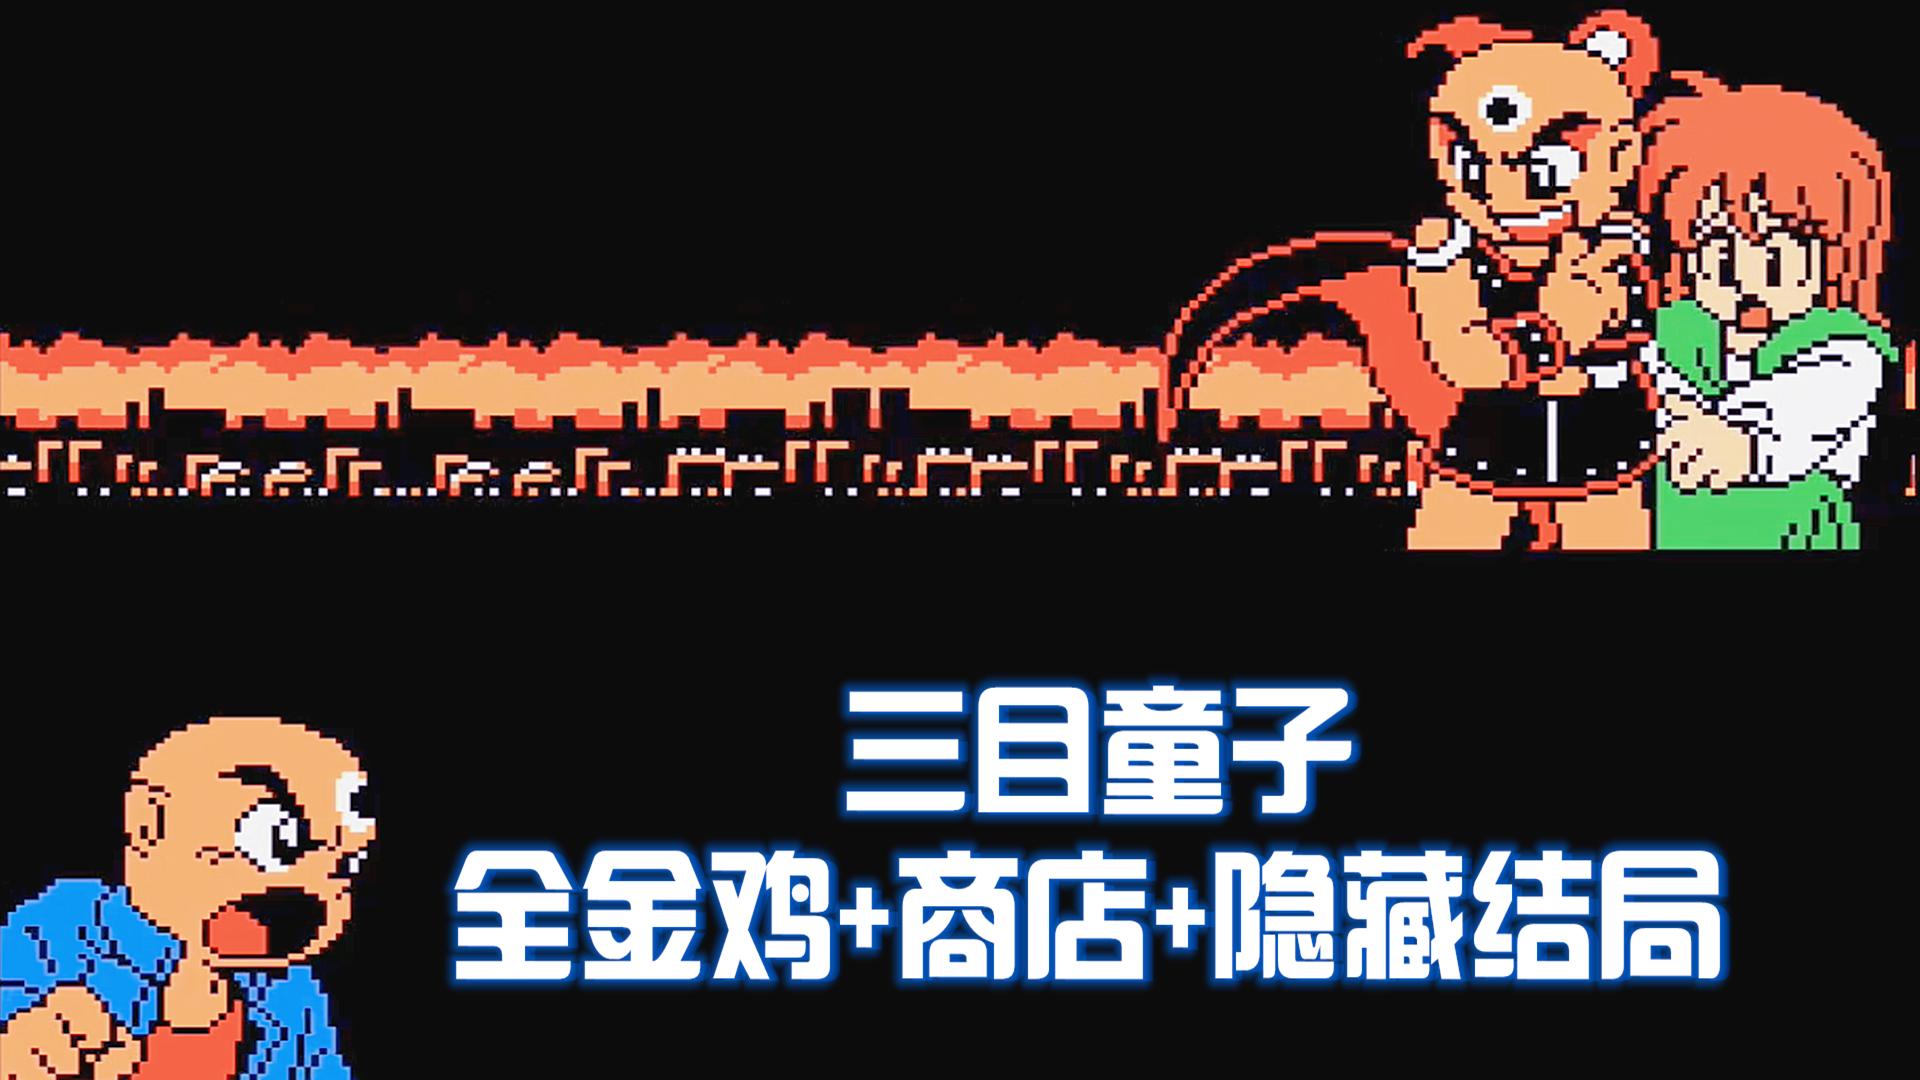 【三目童子】剧情解说+全金鸡+商店+隐藏结局